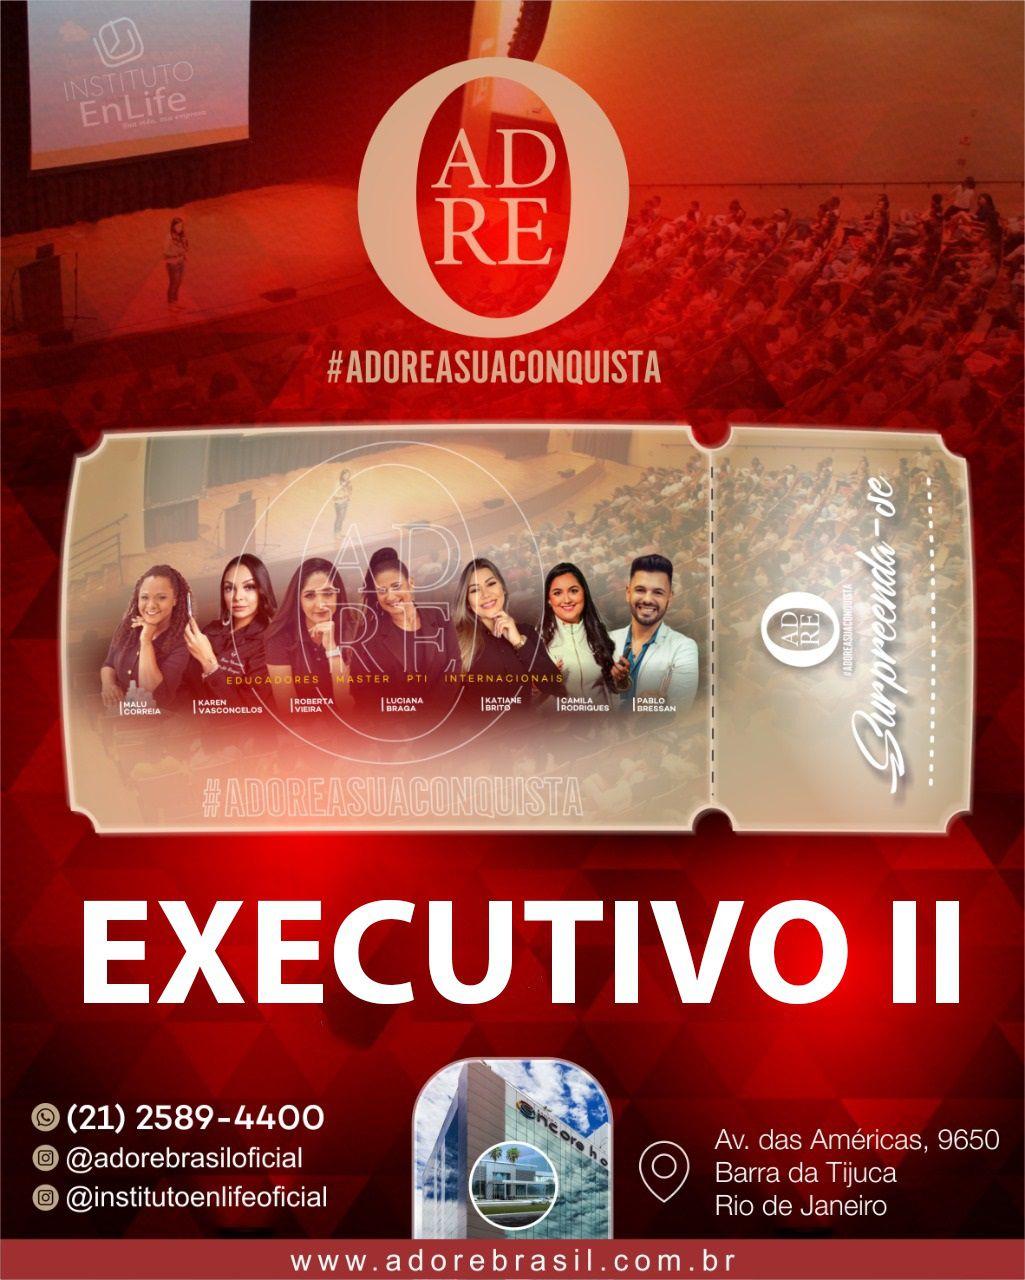 INGRESSO EXECUTIVO II PARA O EVENTO #ADOREASUACONQUISTA